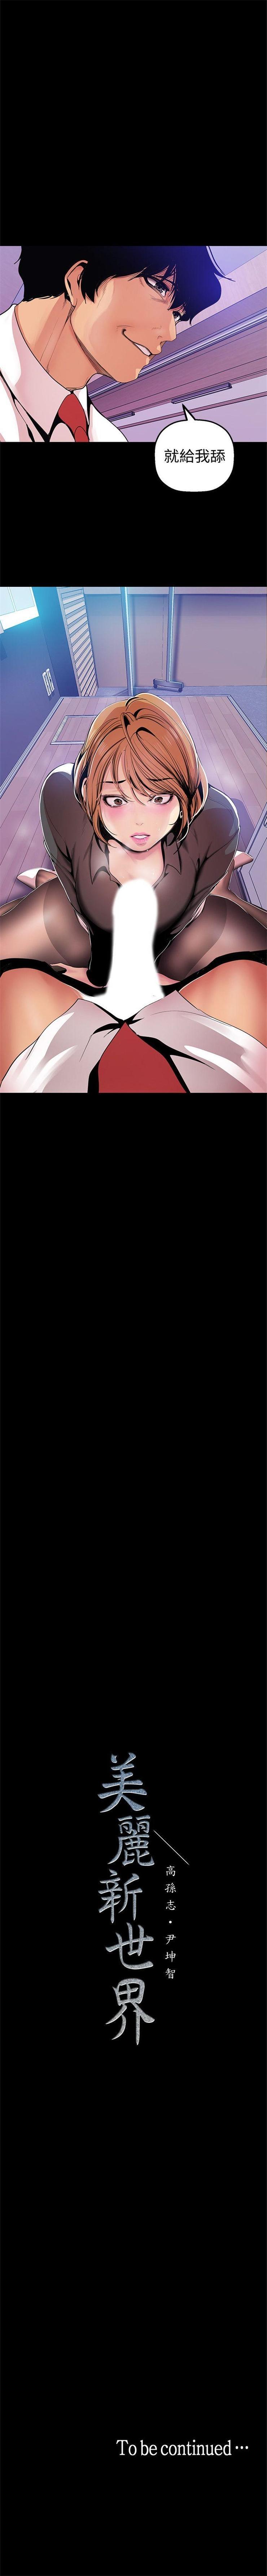 (週1)美麗新世界 1-76 中文翻譯 (更新中) 296